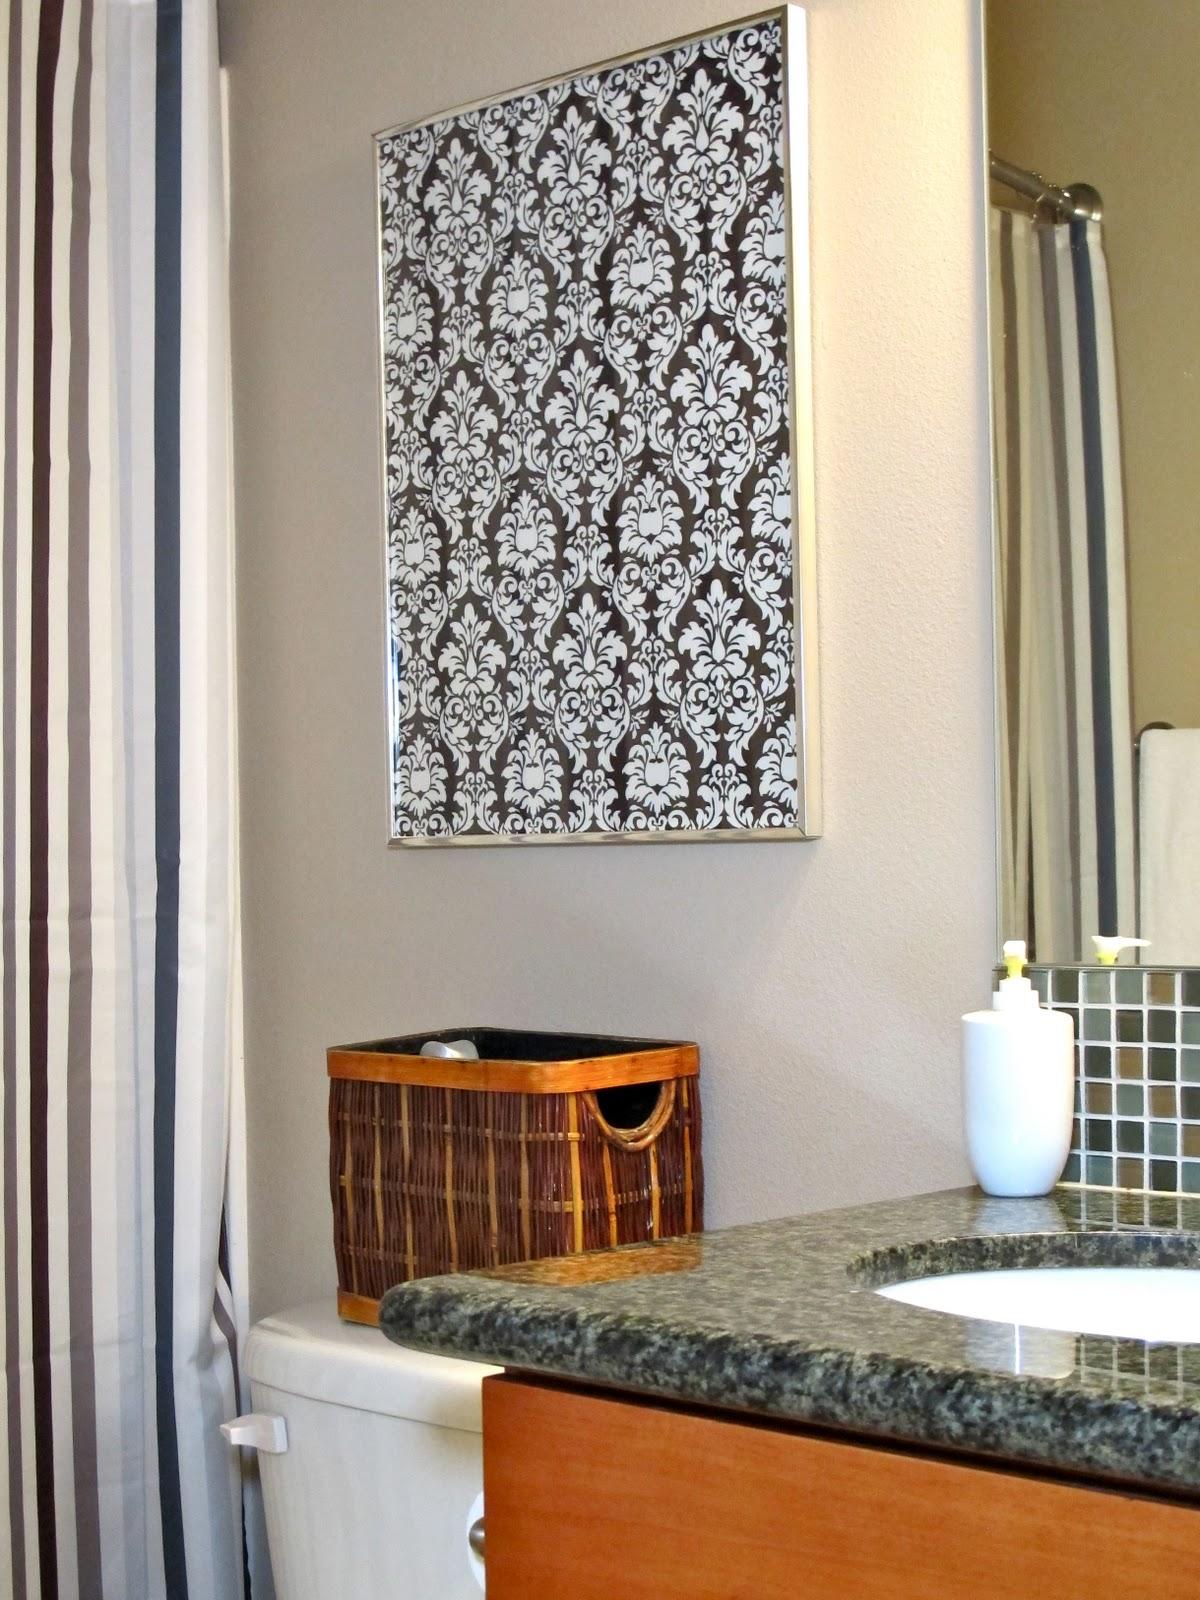 Terrific Bathroom Wall Art Ideas Of Dazzling Acnn Decor